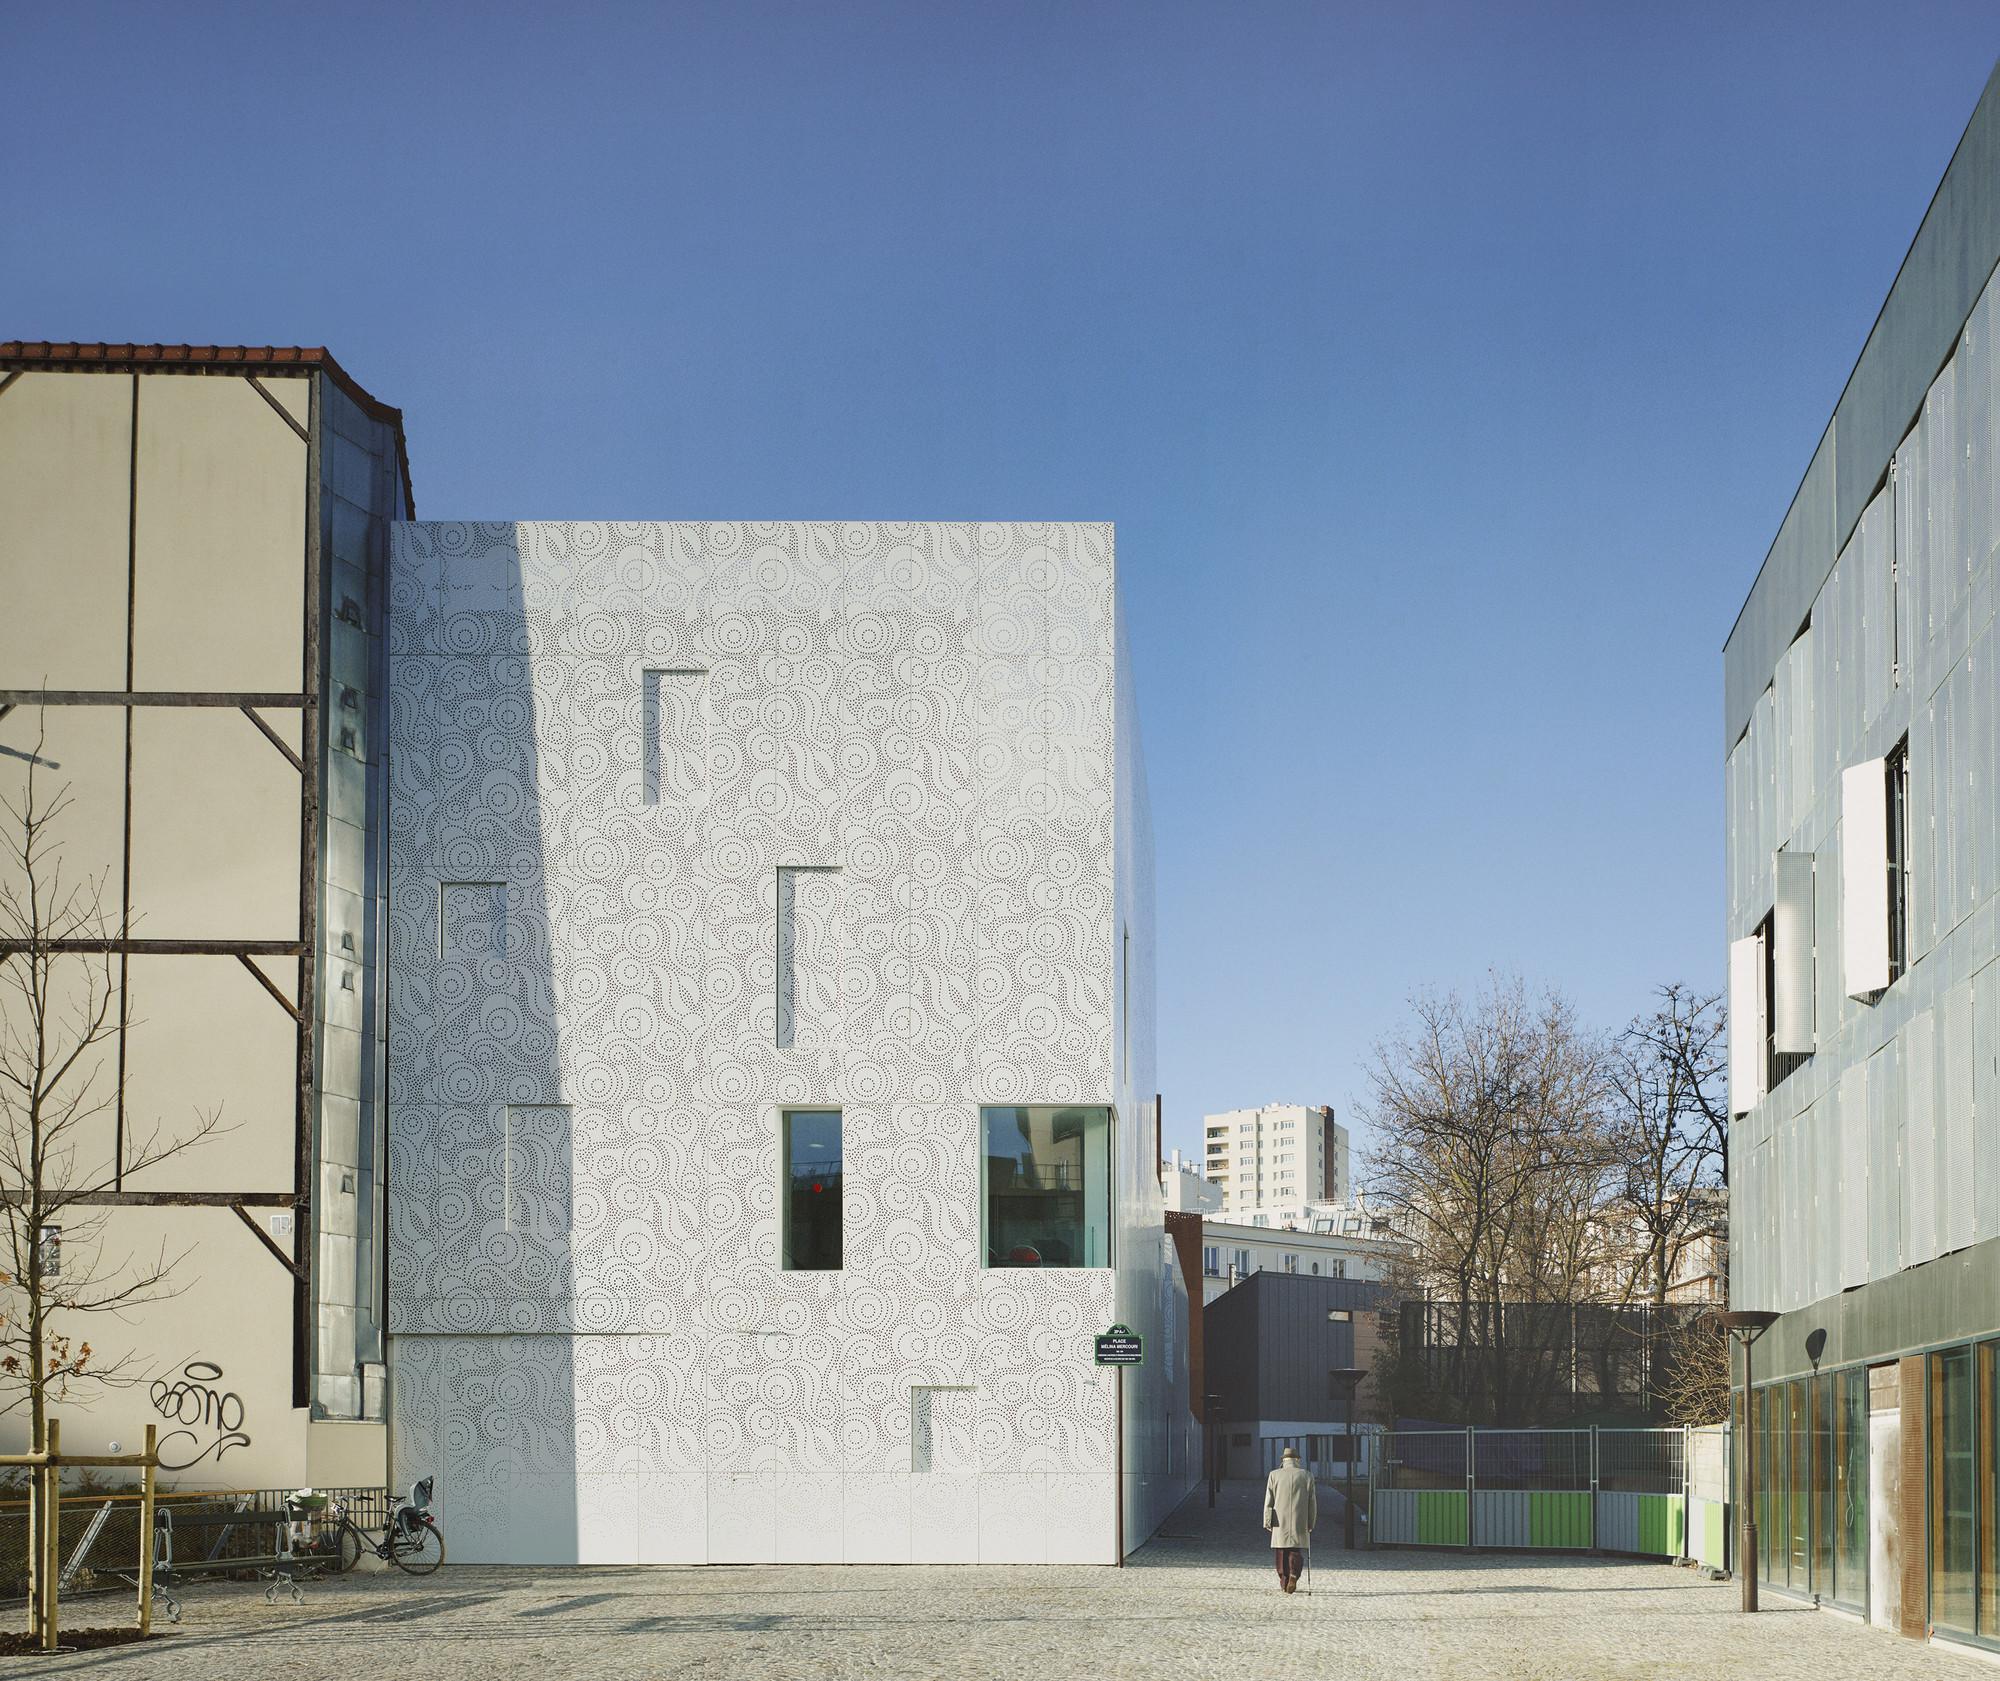 Creche des Orteaux / Avenier Cornejo Architectes, © Julien Lanoo